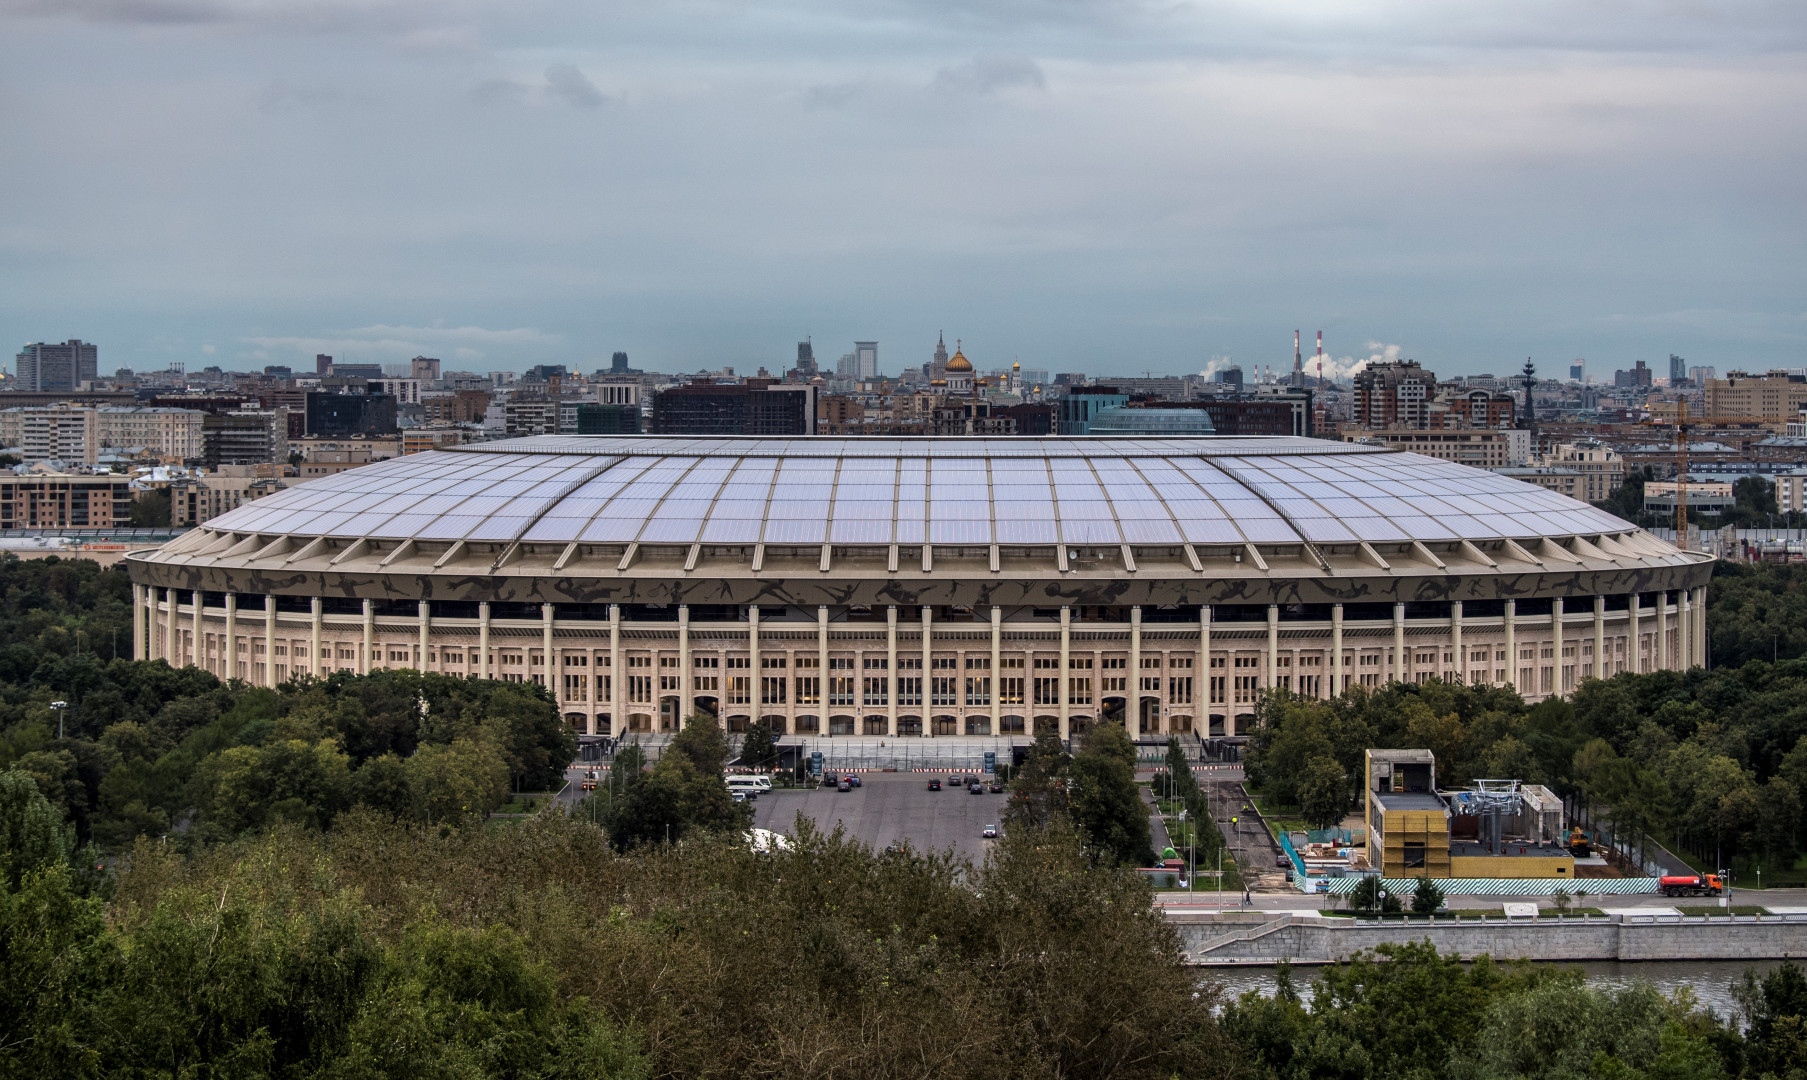 Le stade Loujniki (81.000 places) vu de l'extérieur